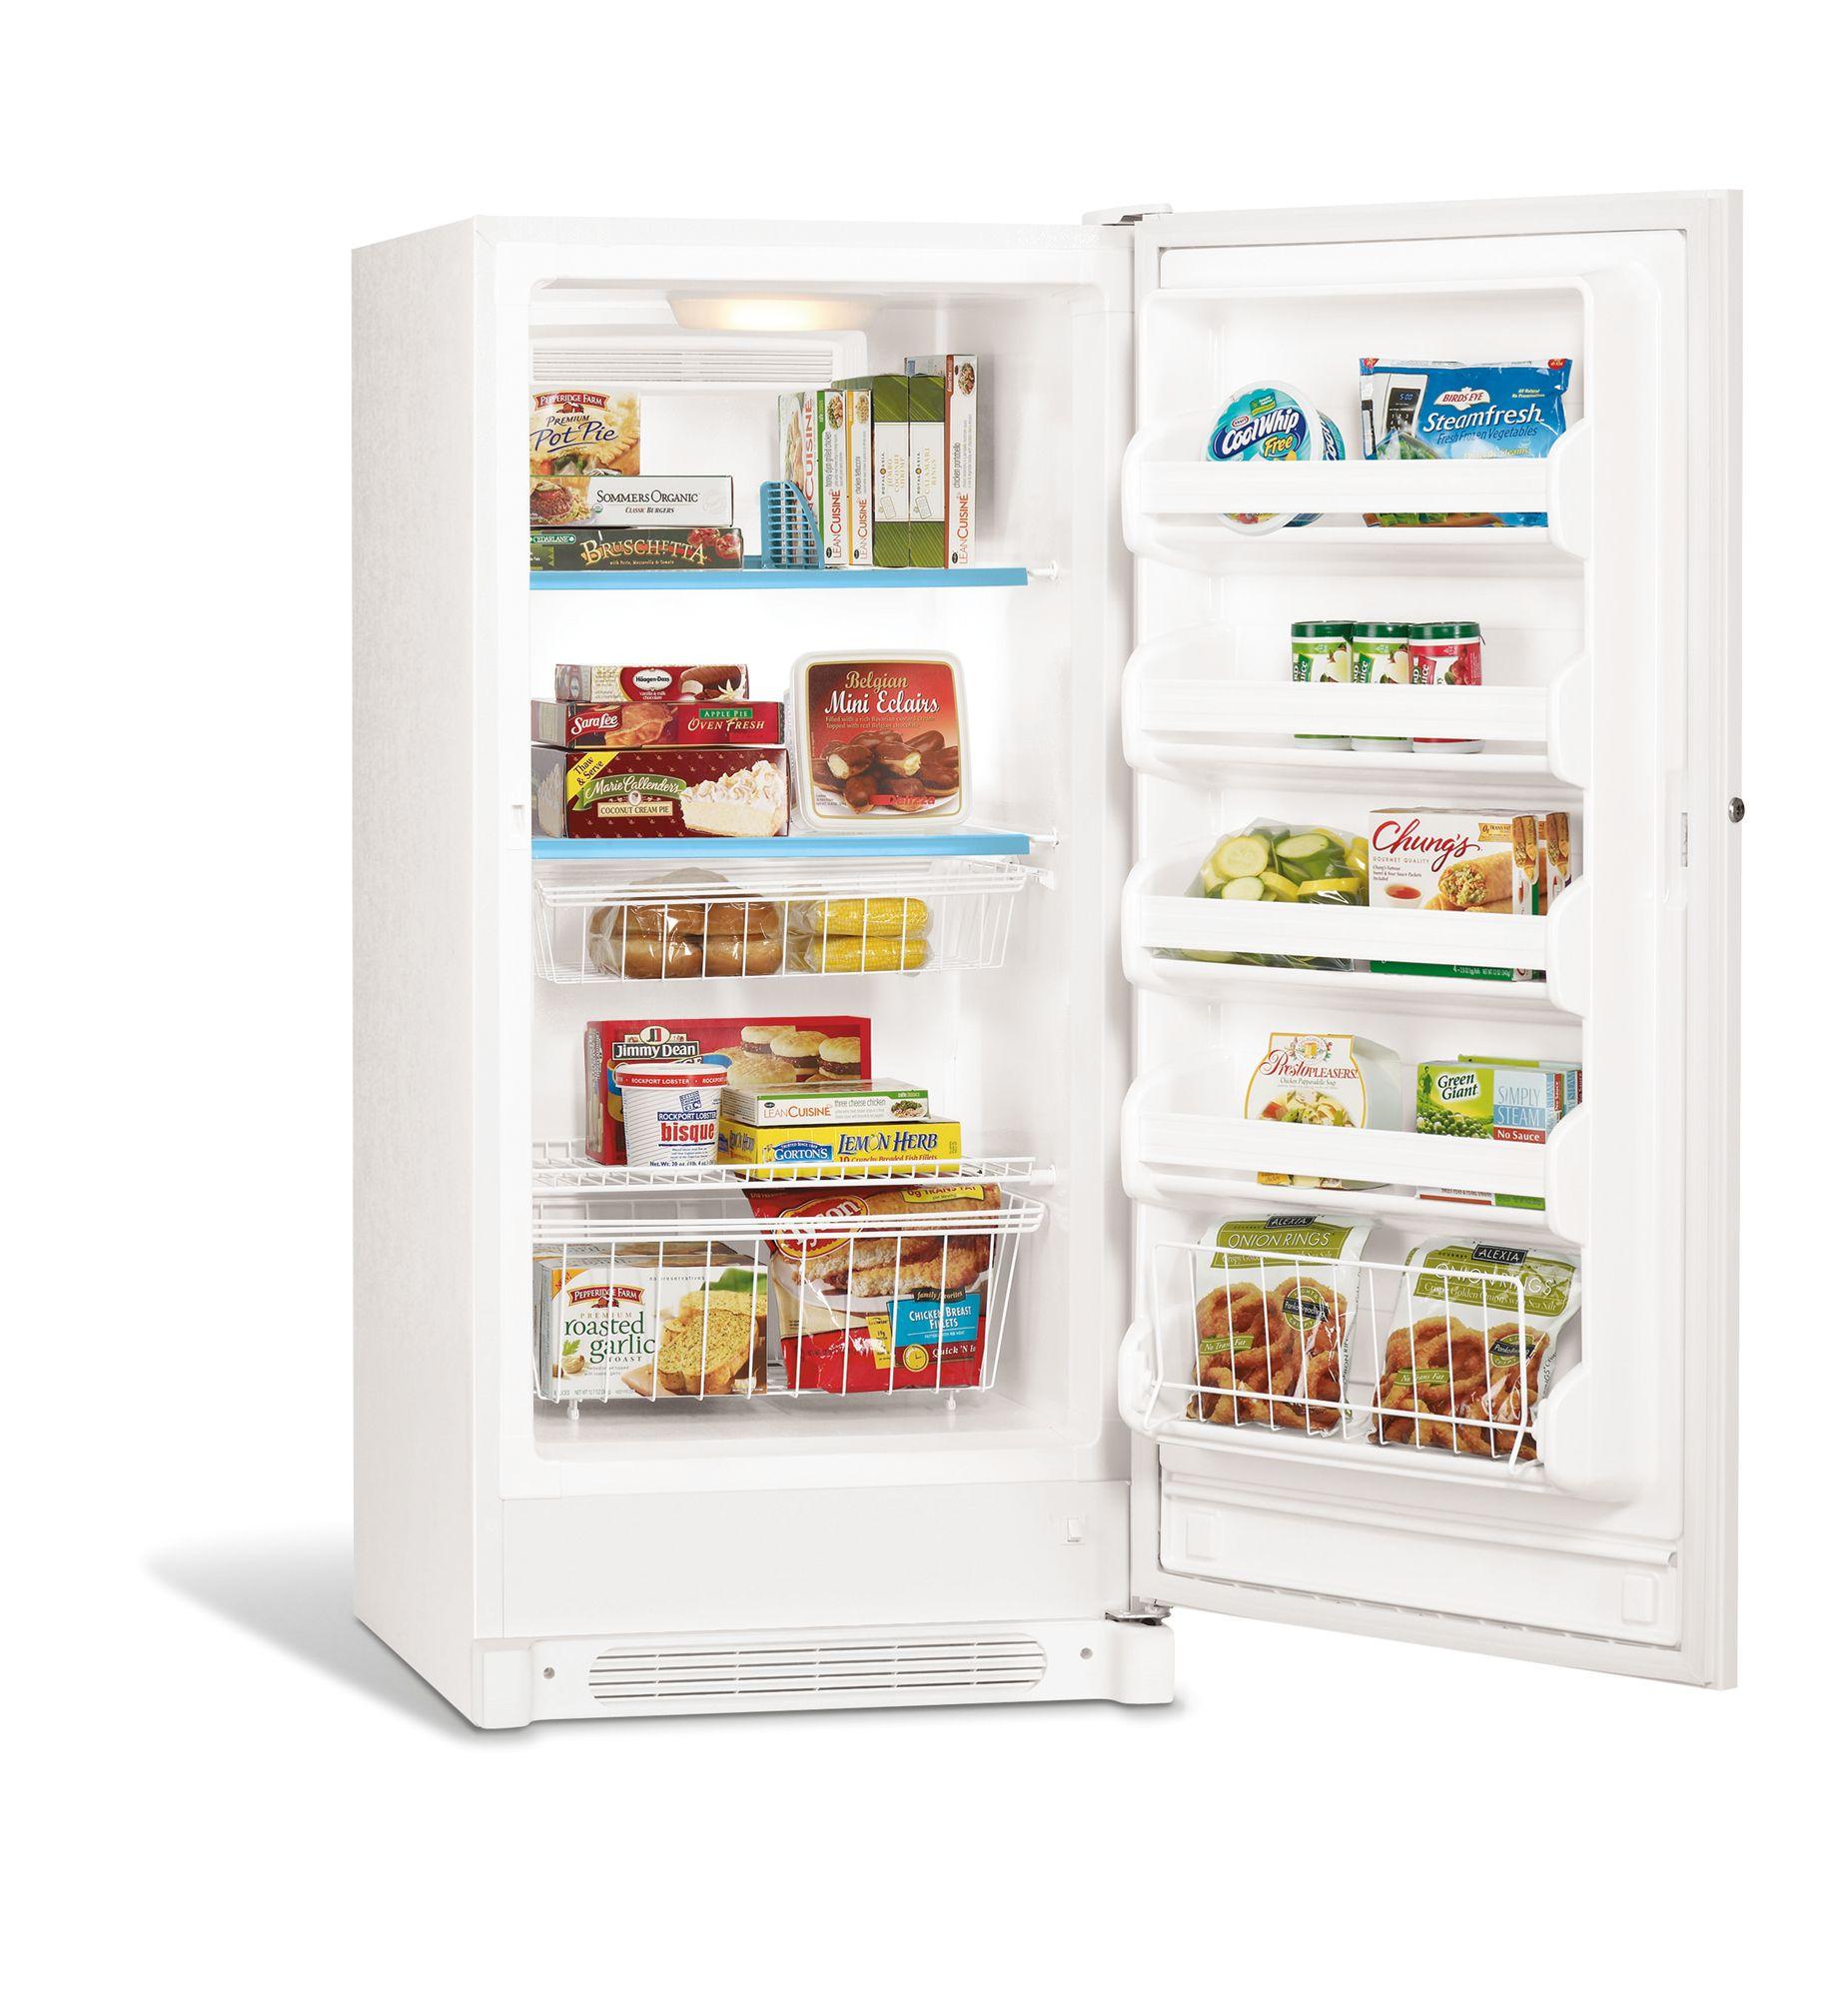 Frigidaire 13.7 cu. ft. Upright Freezer (FFU14F7H)